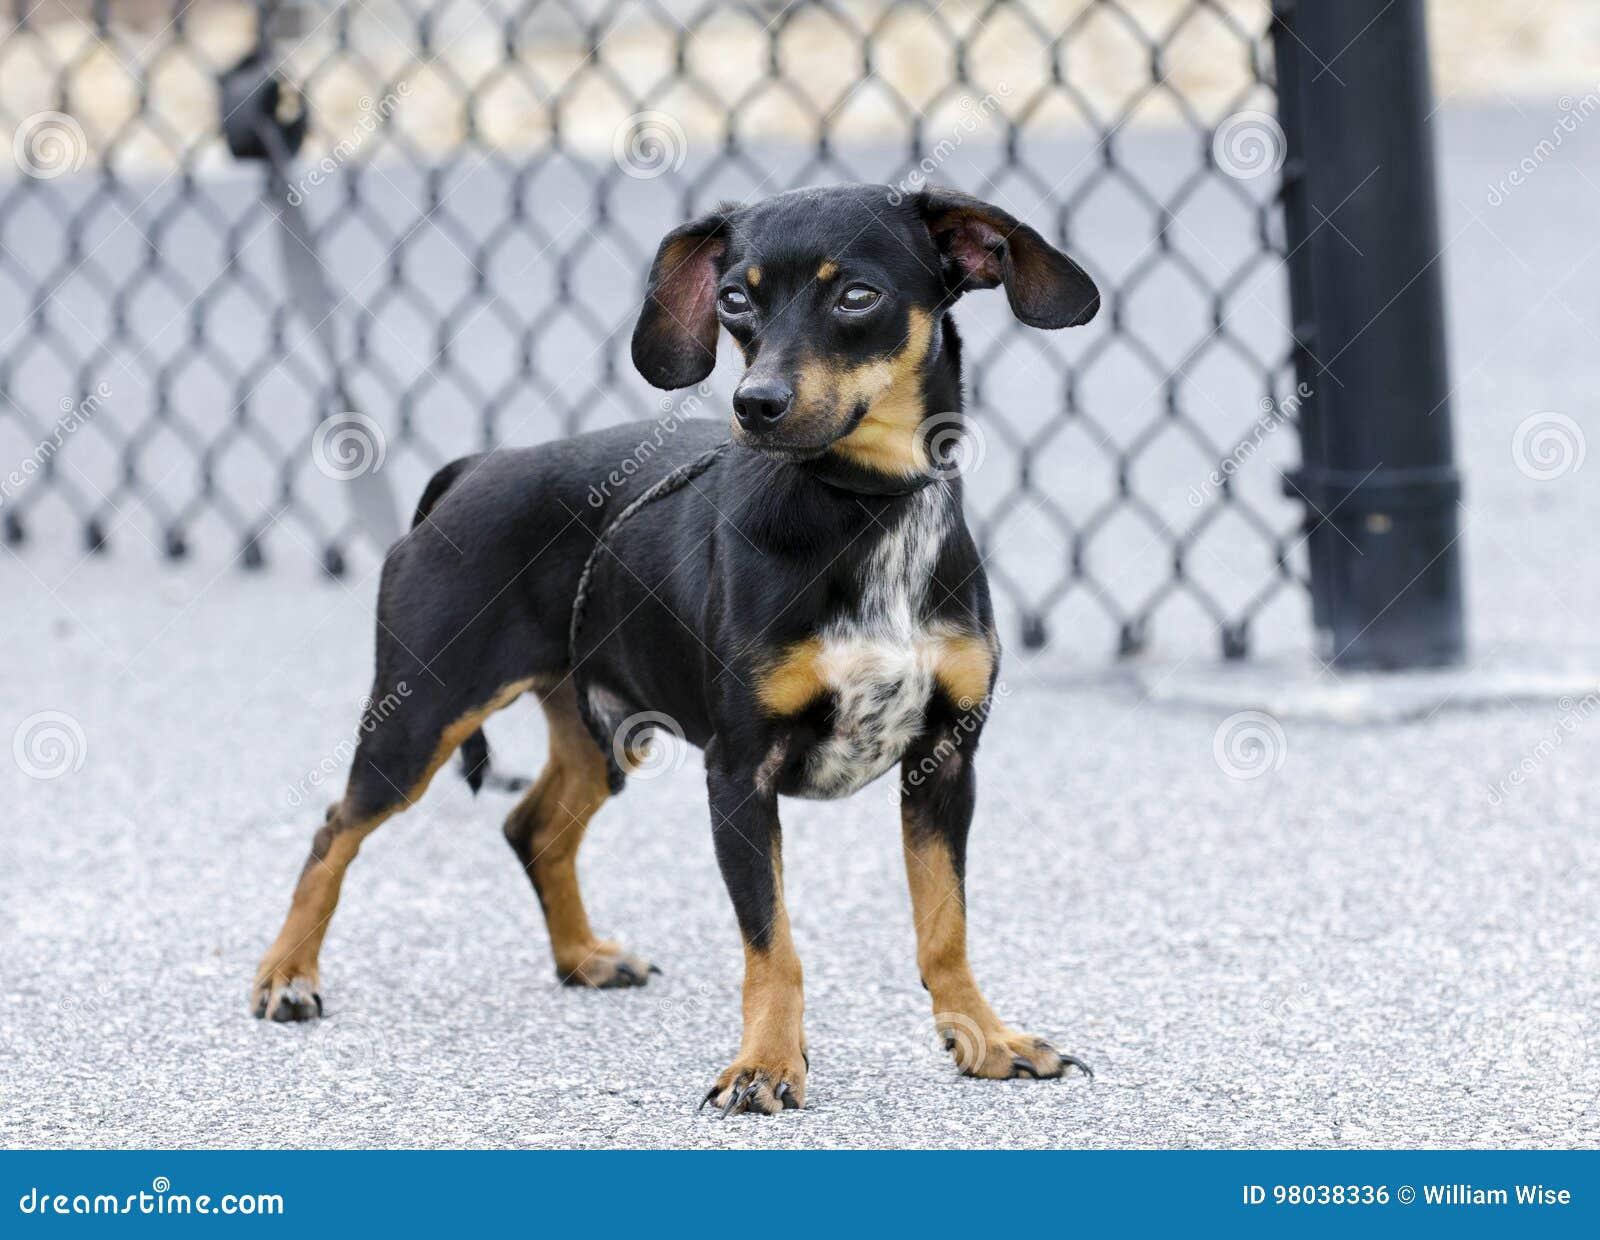 Chiweenie奇瓦瓦狗达克斯猎犬被混合的品种狗